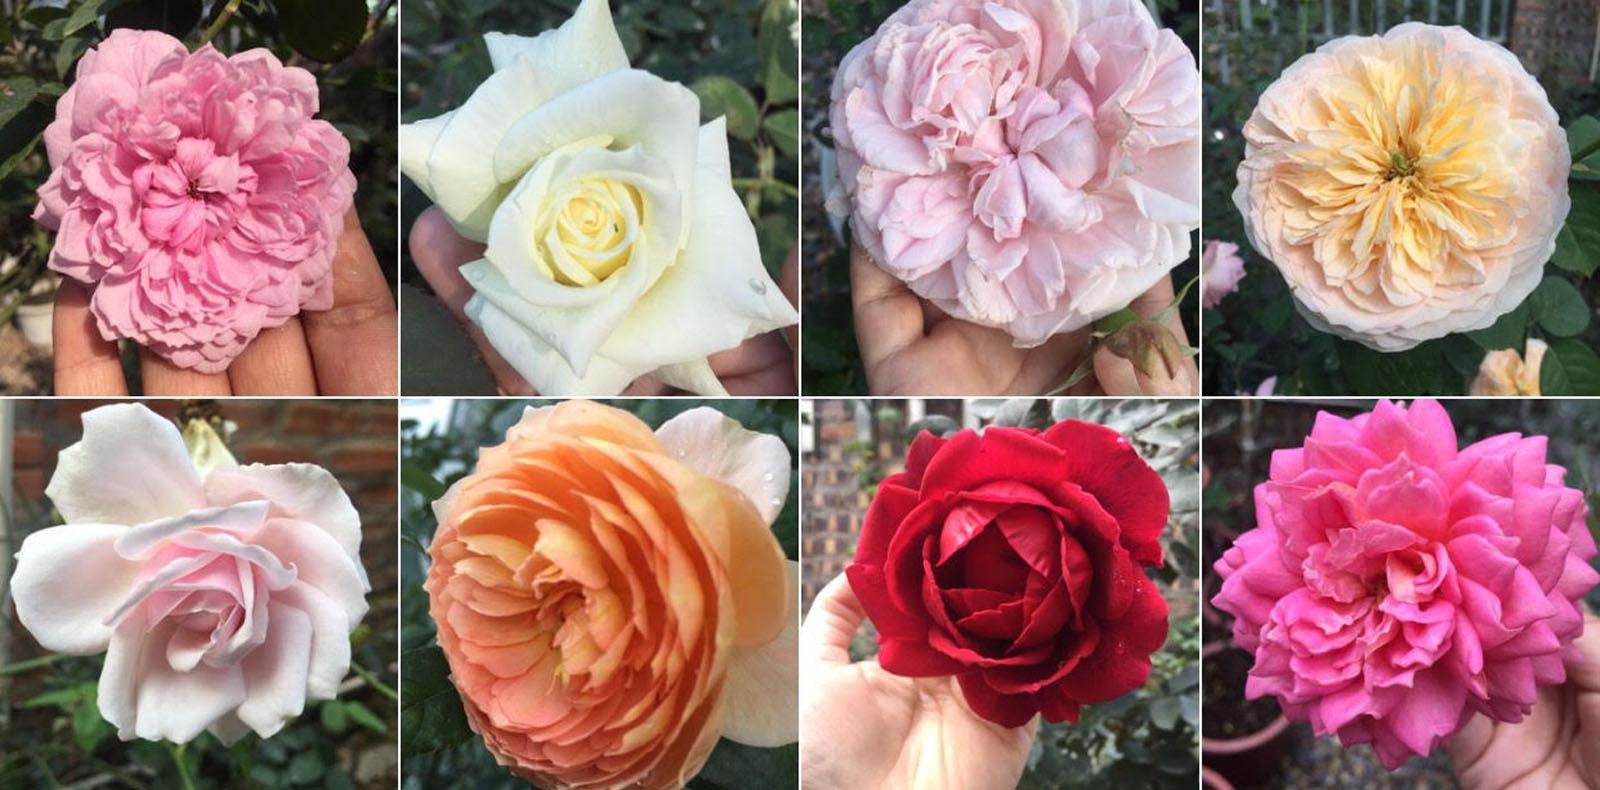 Gửi cả đại dương hoa hồng thắm